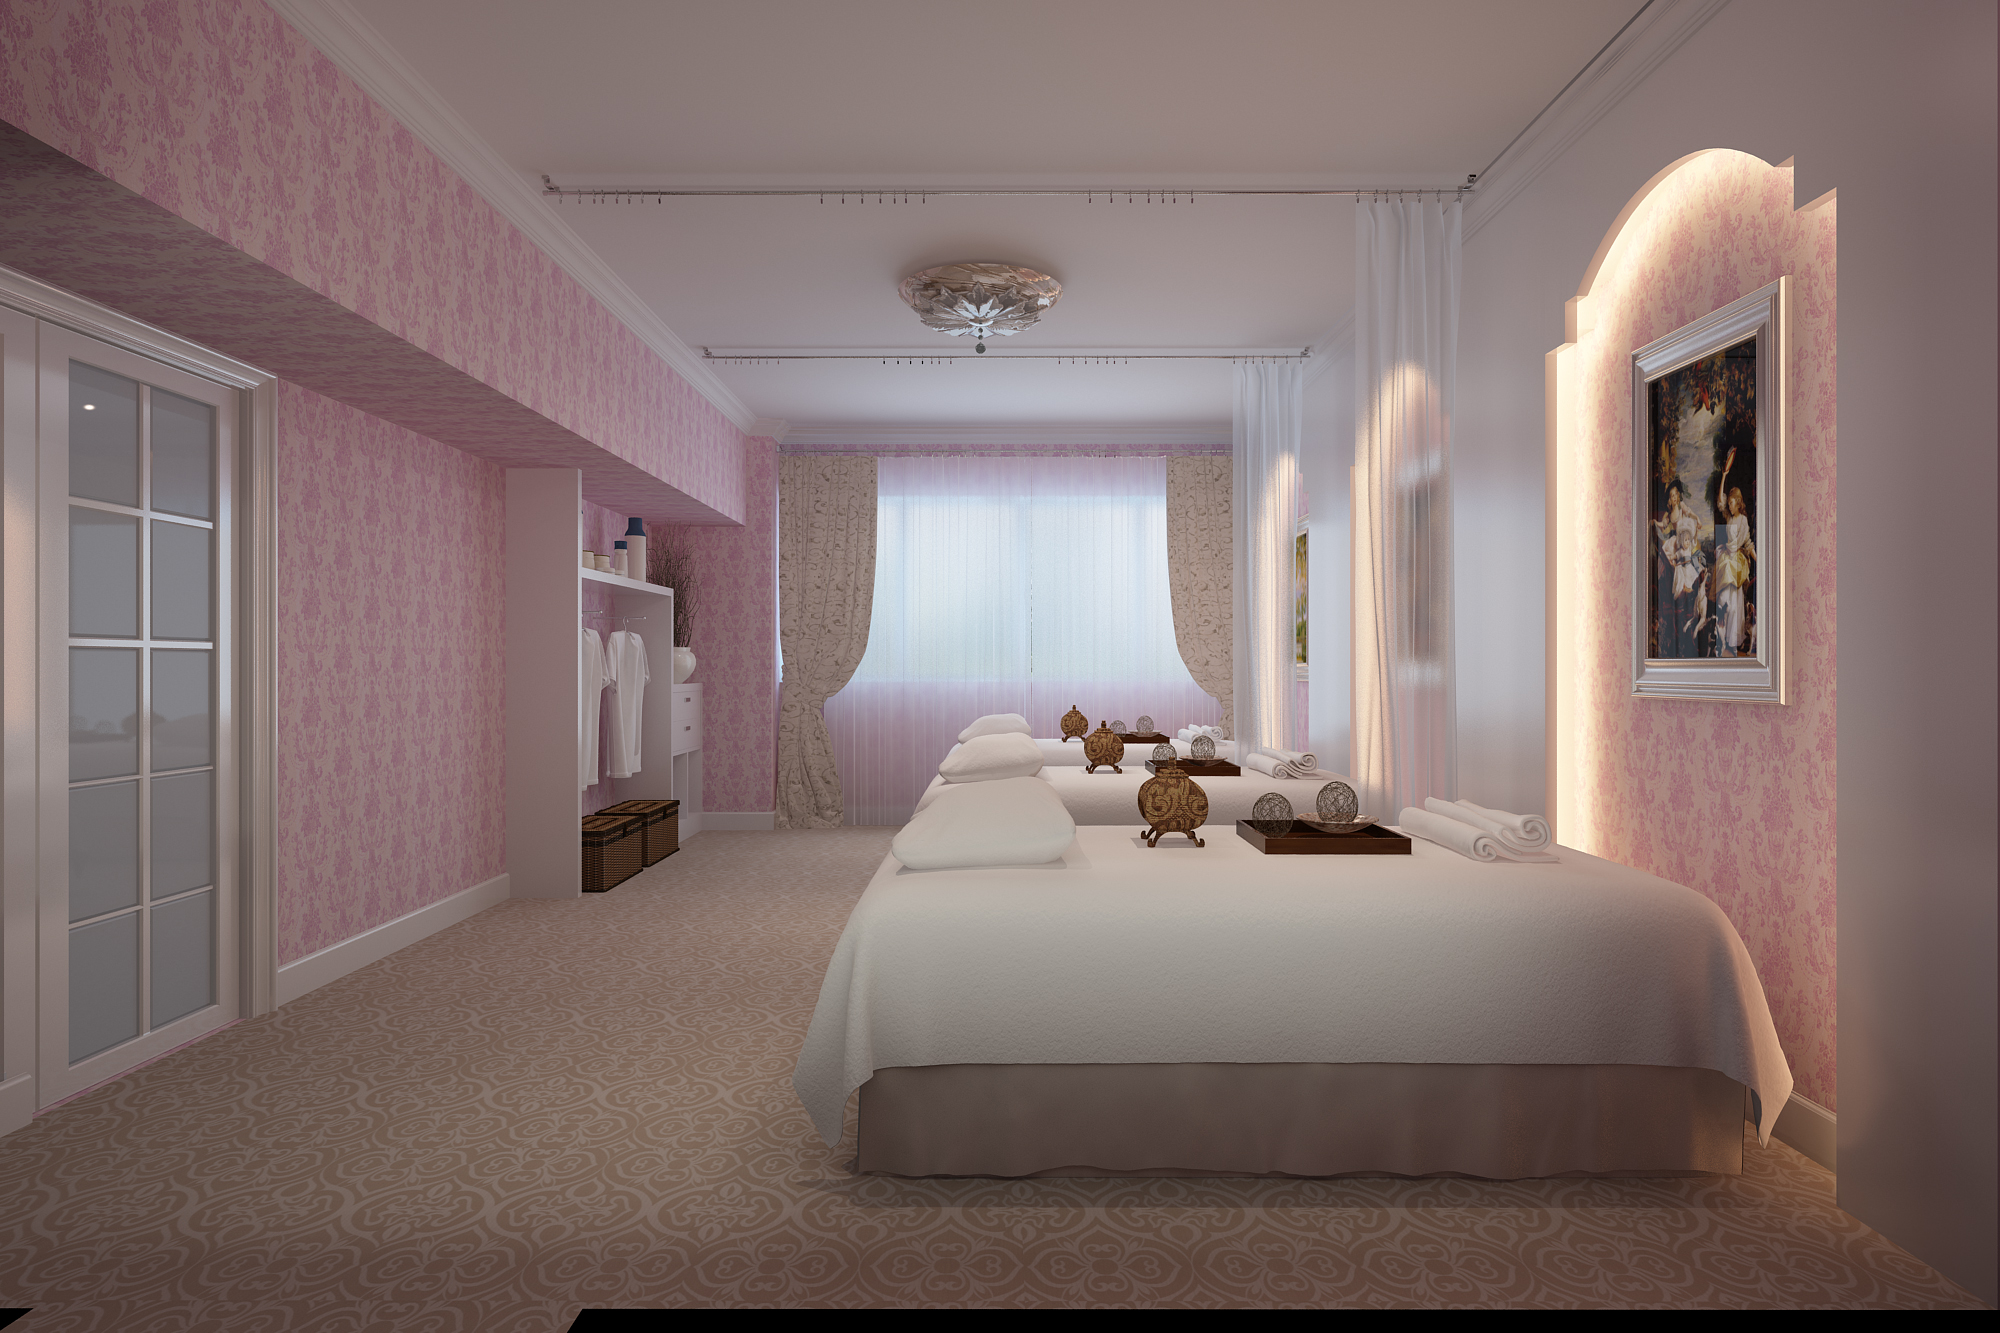 法式田园风装饰现代公寓室内效果图图片